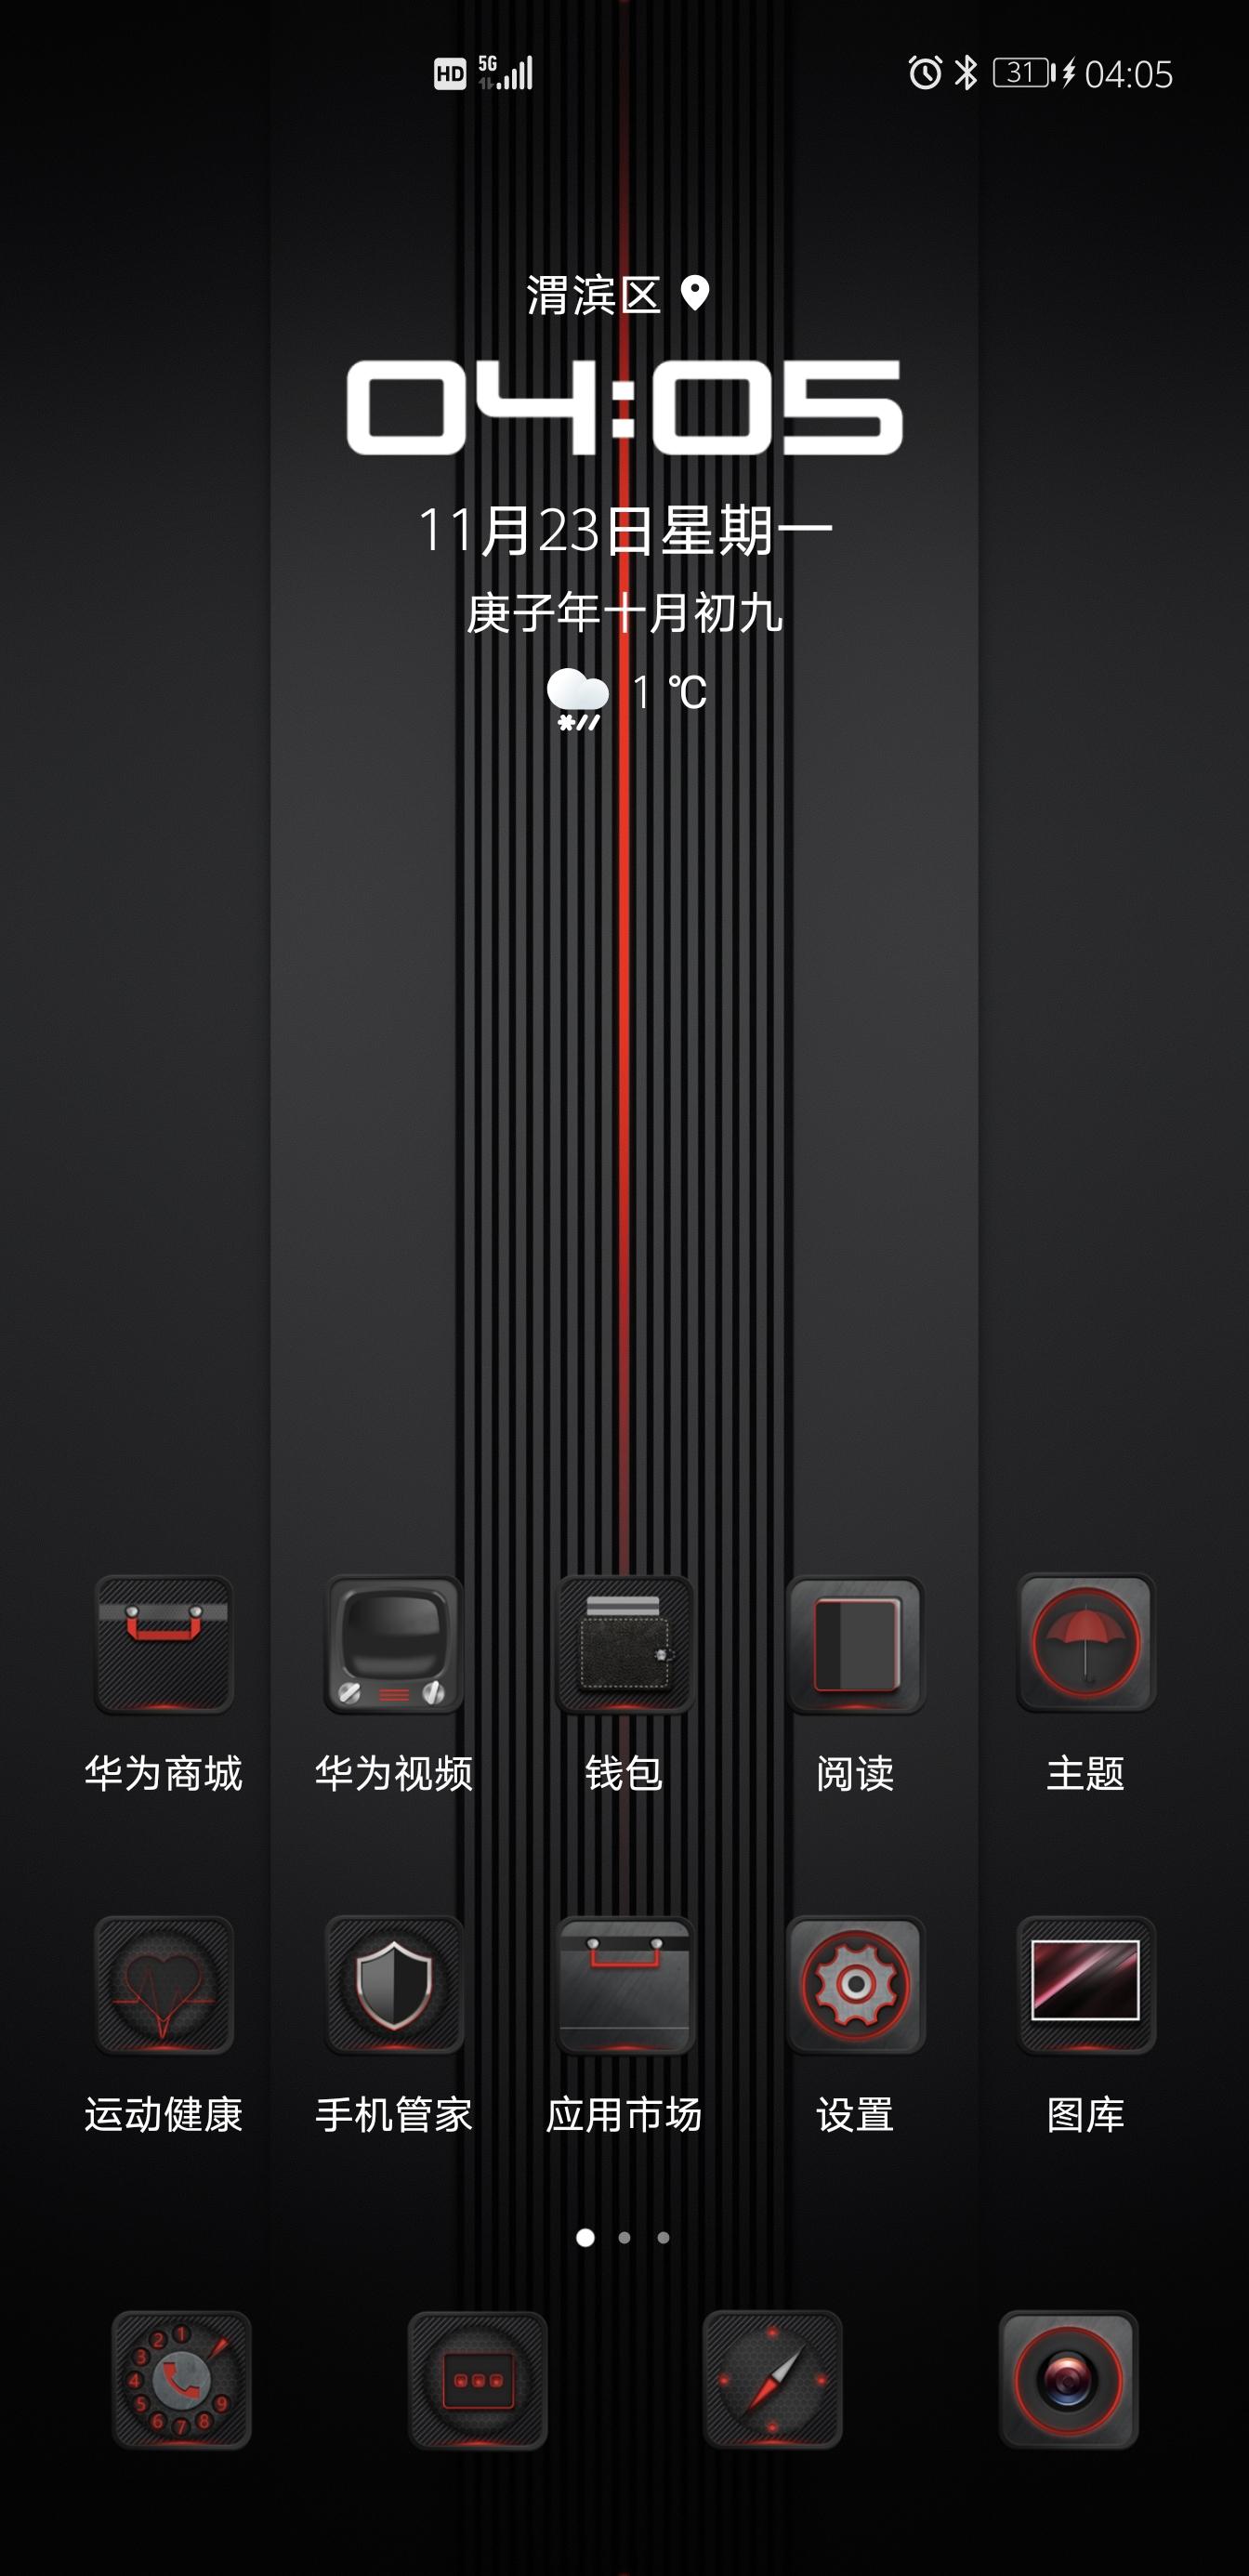 Screenshot_20201123_040535_com.huawei.android.launcher.jpg